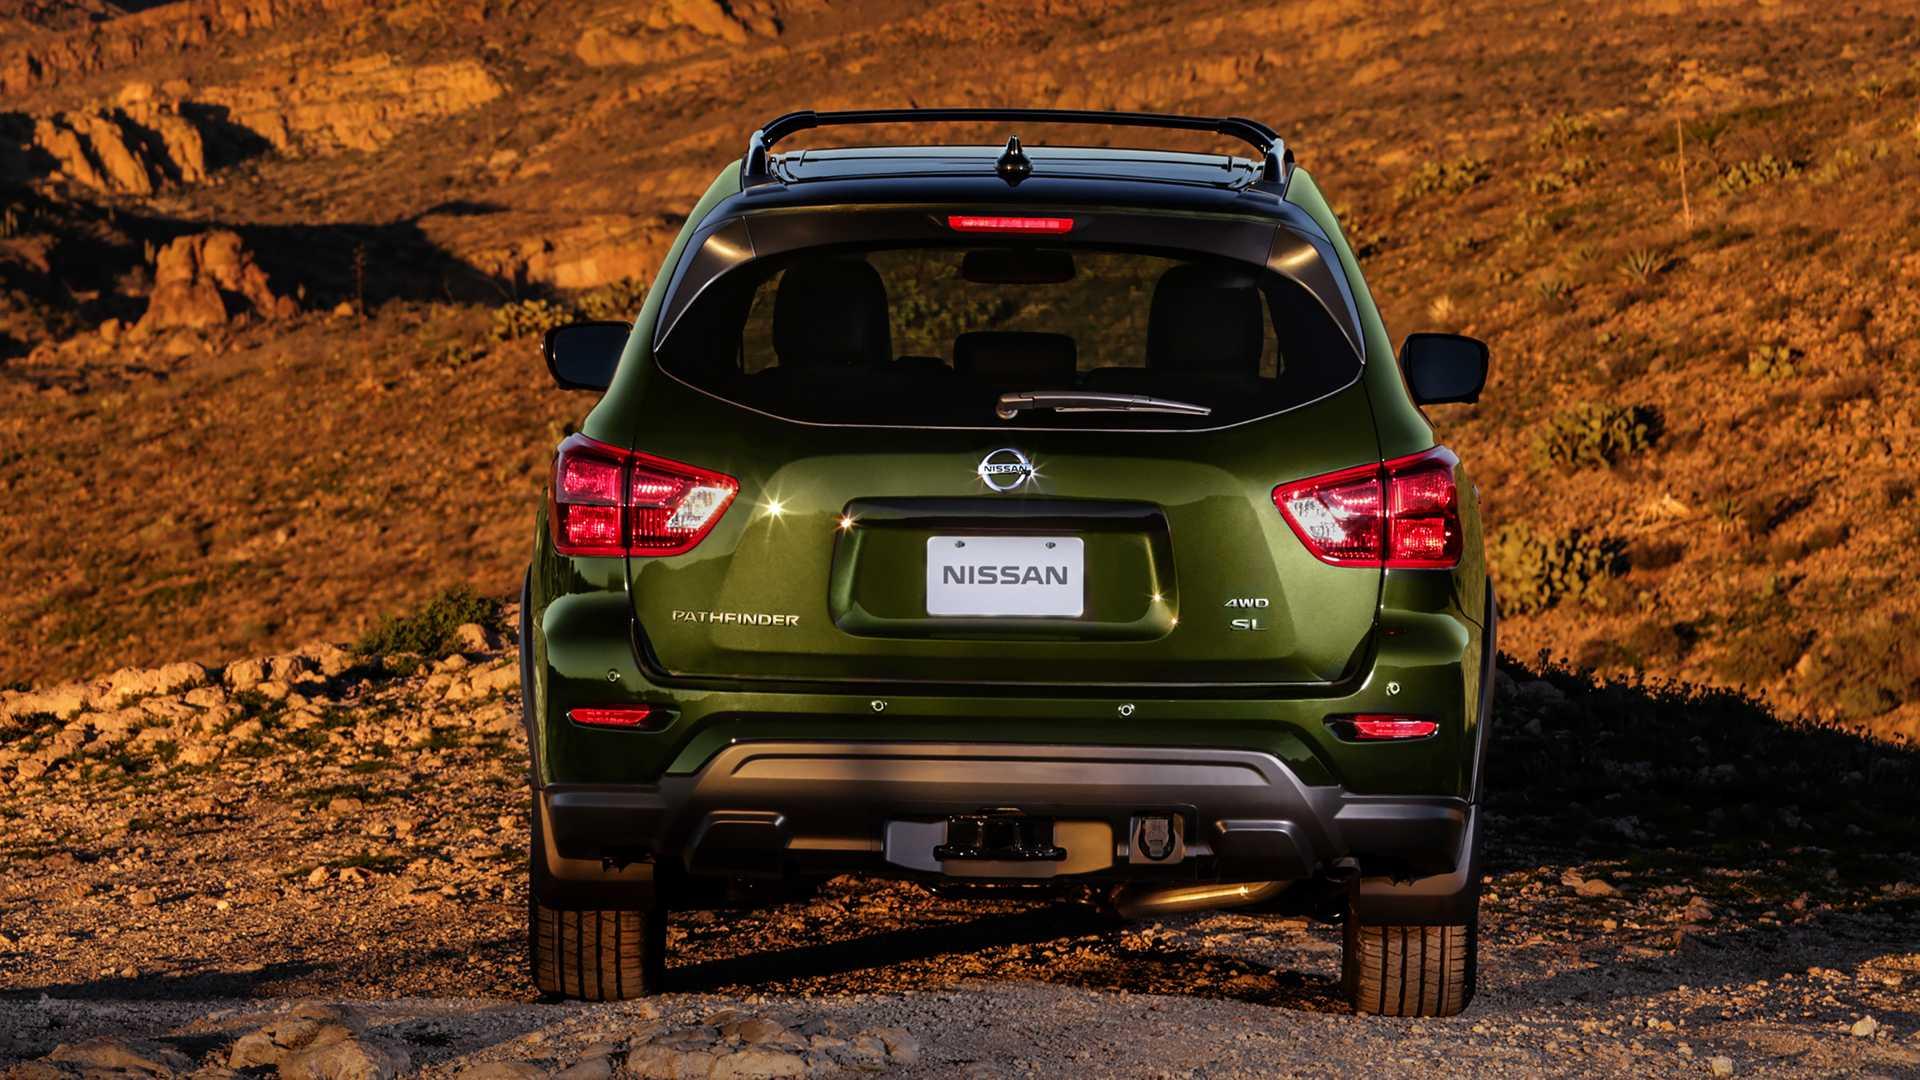 Nissan покажет в Чикаго Pathfinder Rock Creek Edition 2